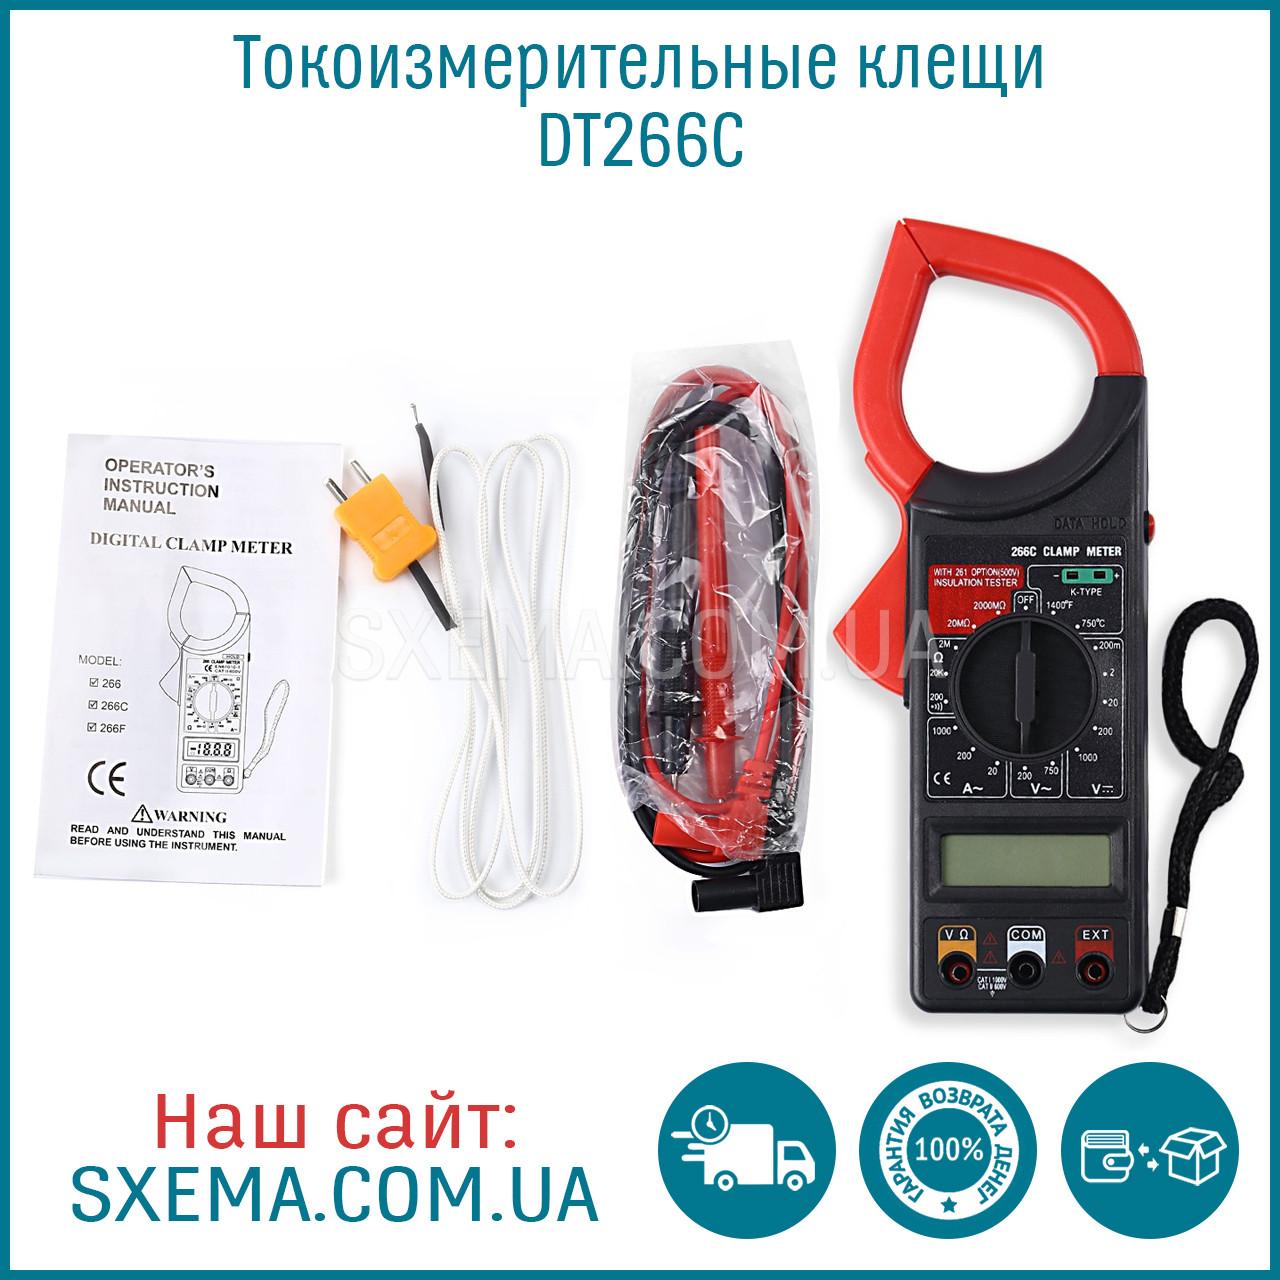 Токоизмерительные клещи DT266C 1000A с температурой + мультиметр